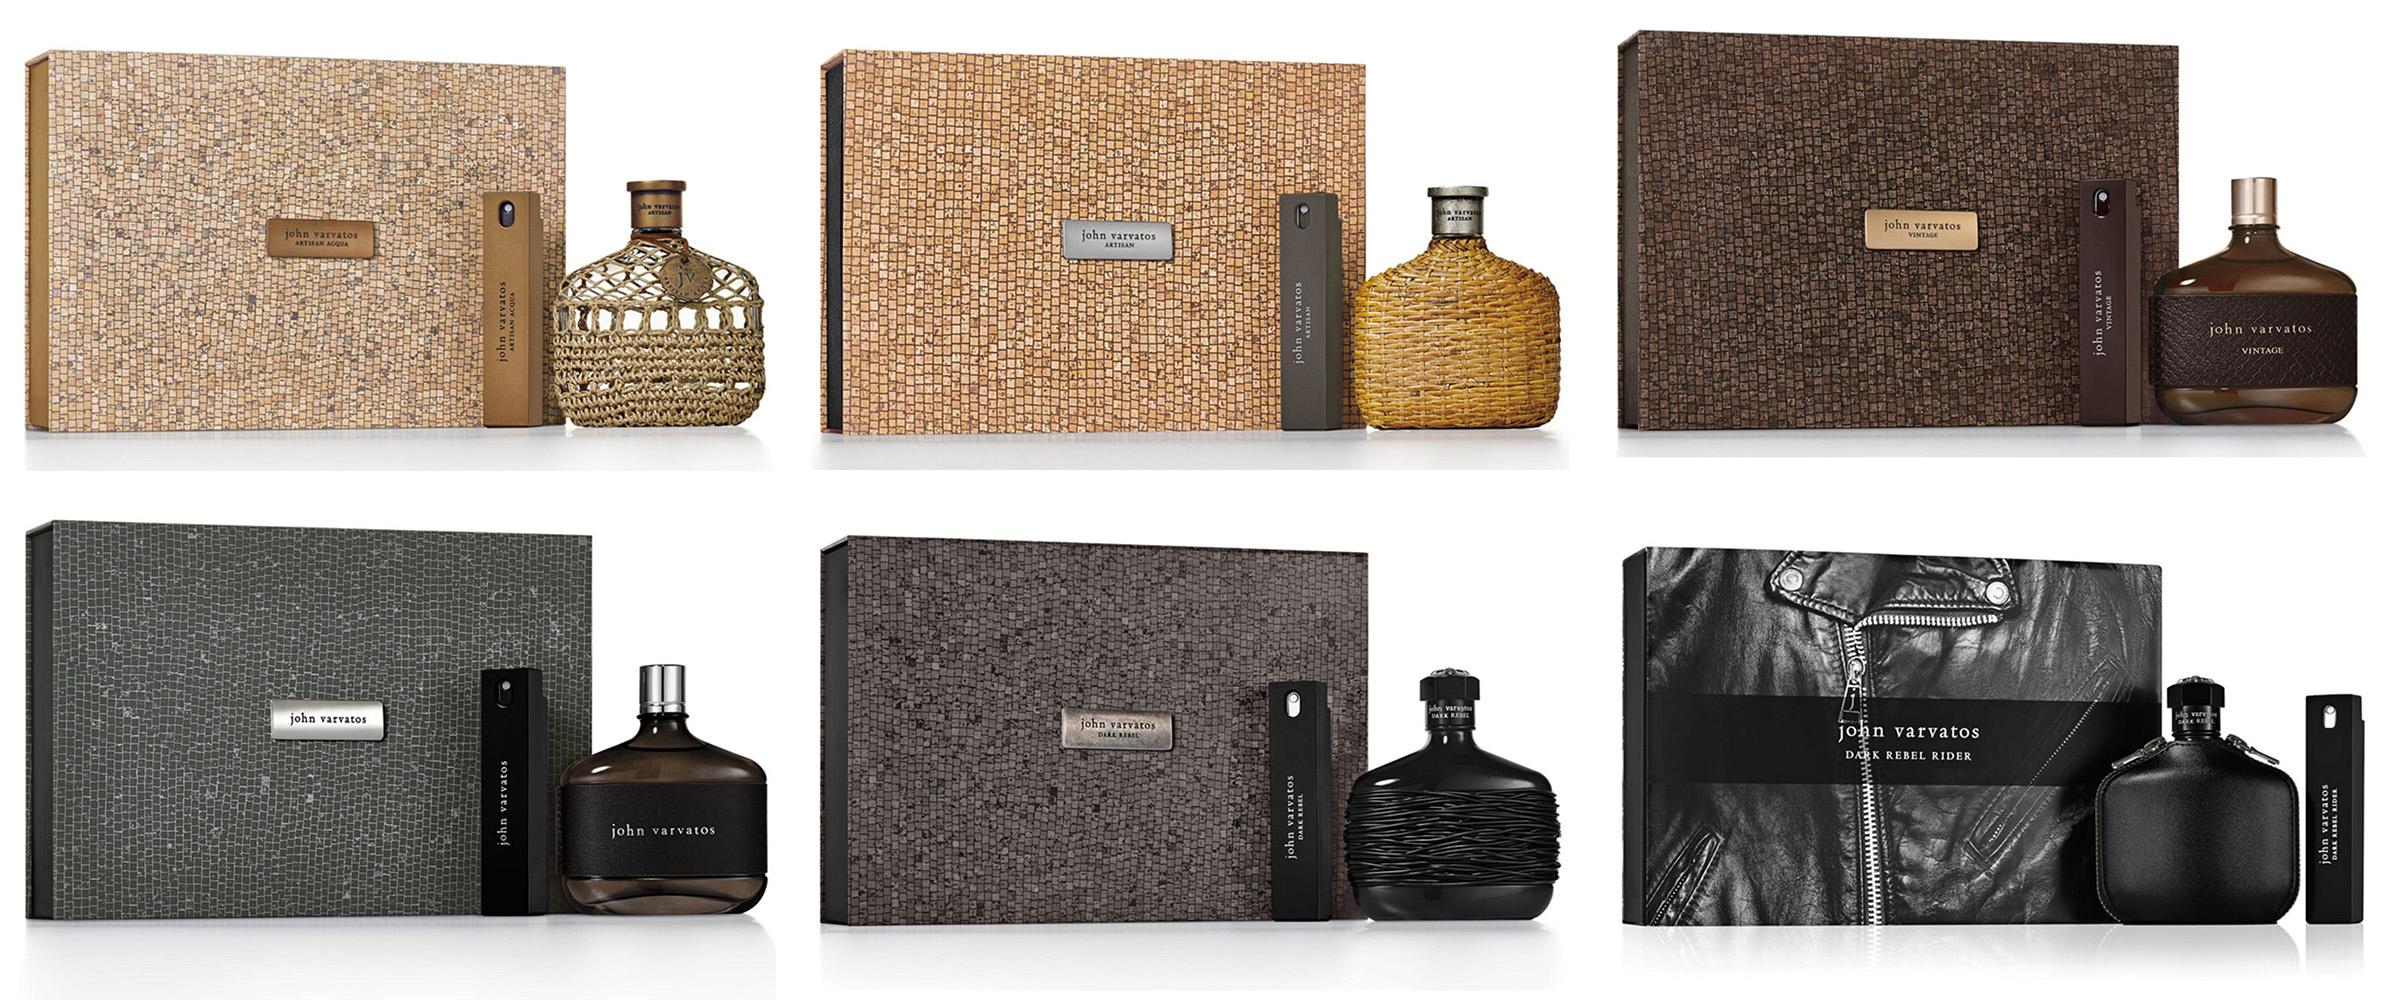 John Varvatos - Soft Cork Wrapped & Embossed Leather Jacket Gift Sets